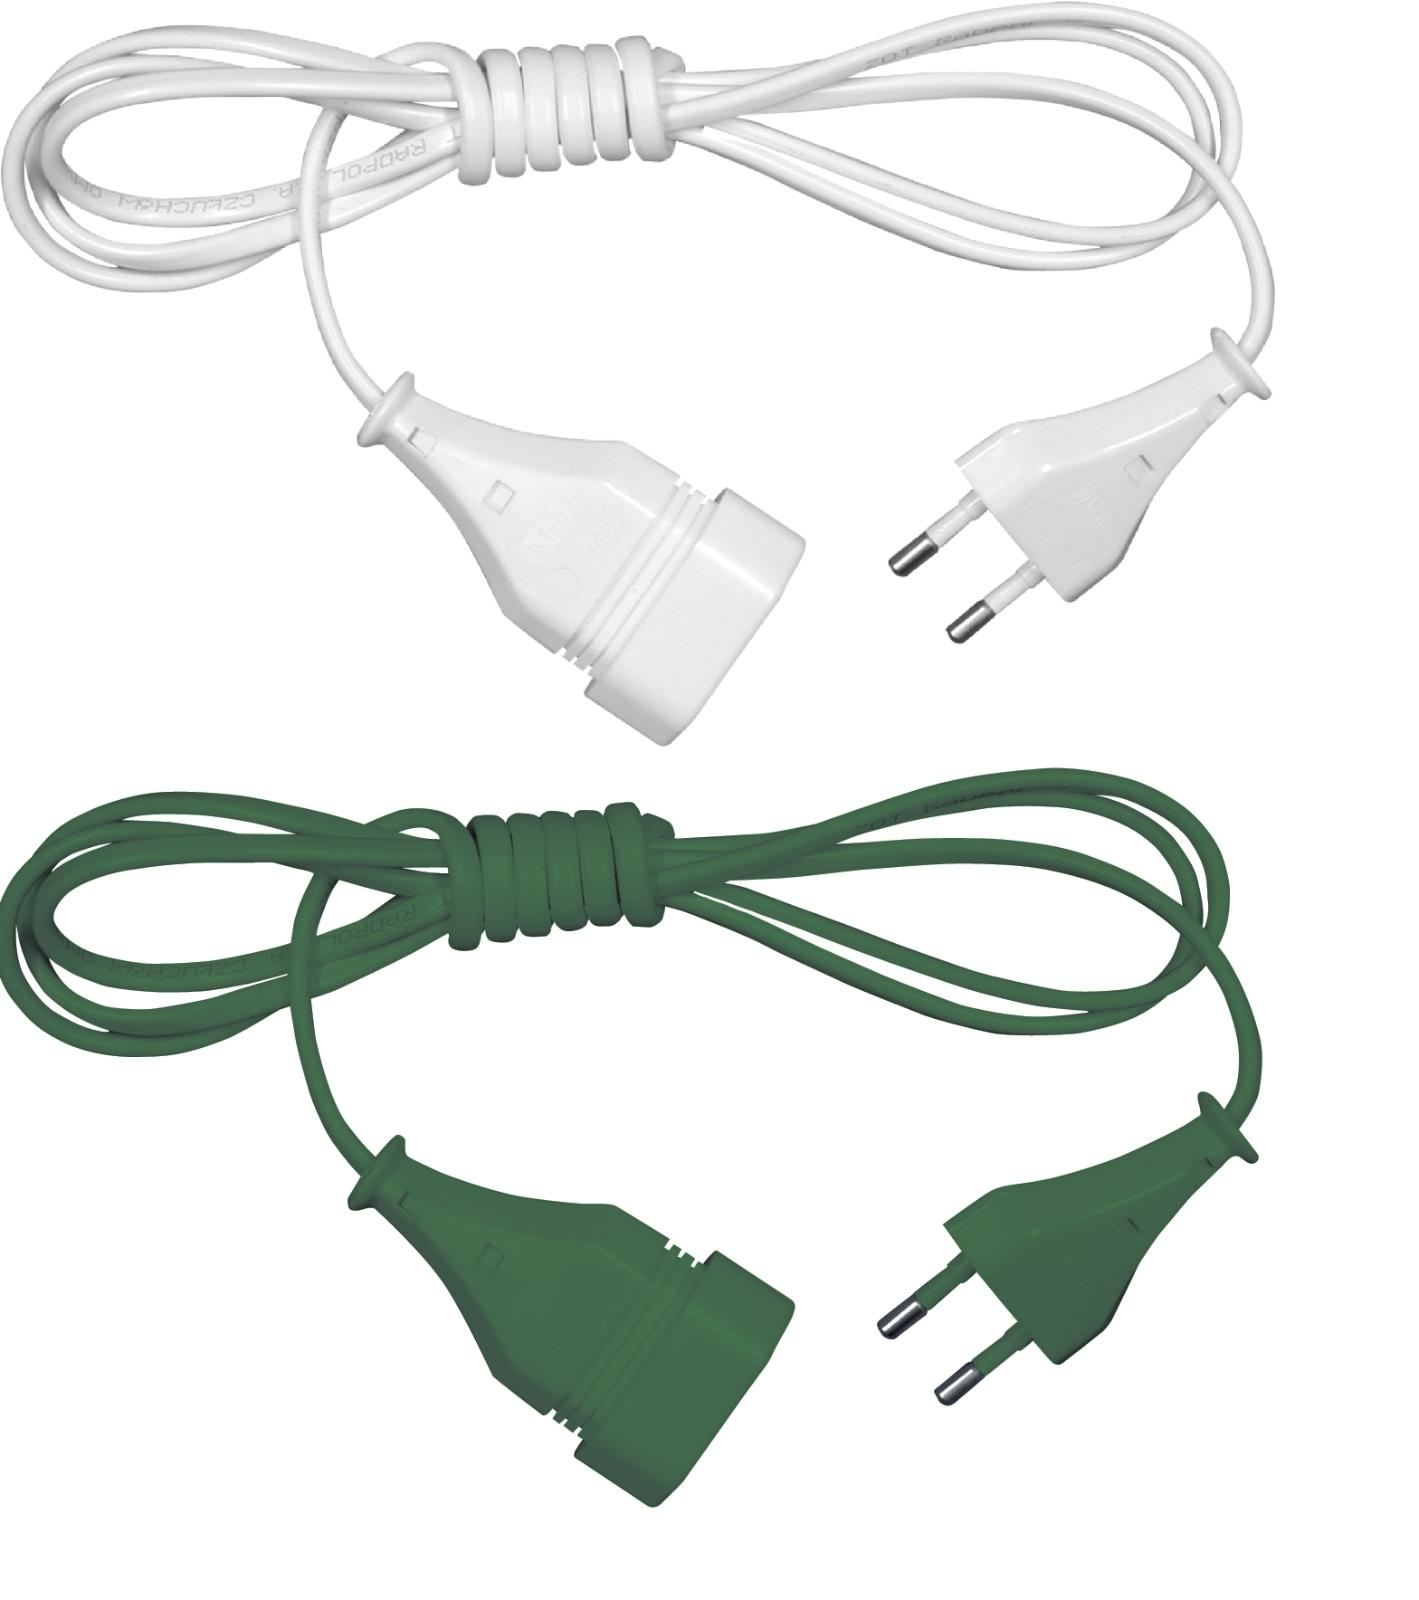 Verlängerungskabel 1,5m 3m 5m 10m Eurostecker Kabel Verlängerung Stromkabel IP20